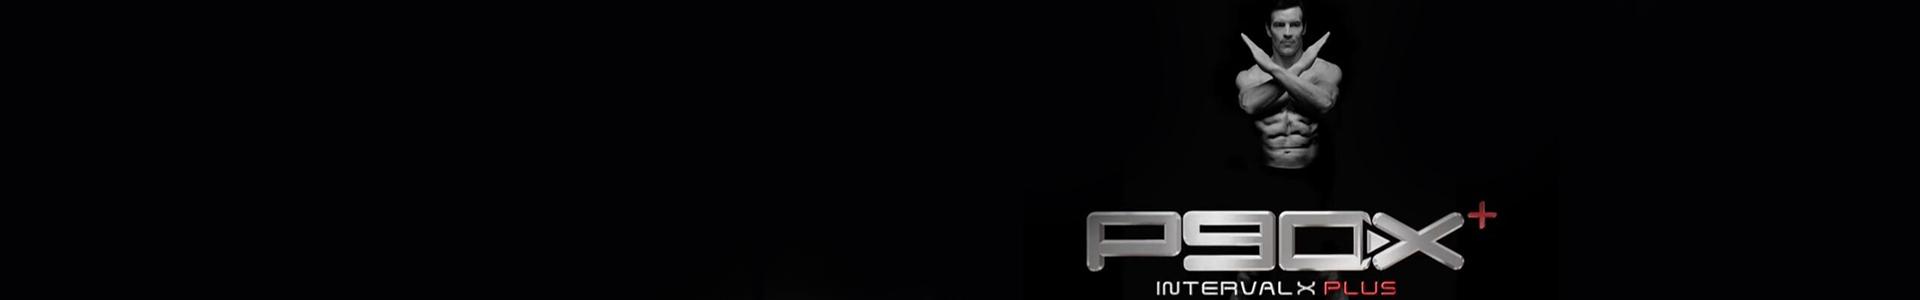 P90X Plus加量训练